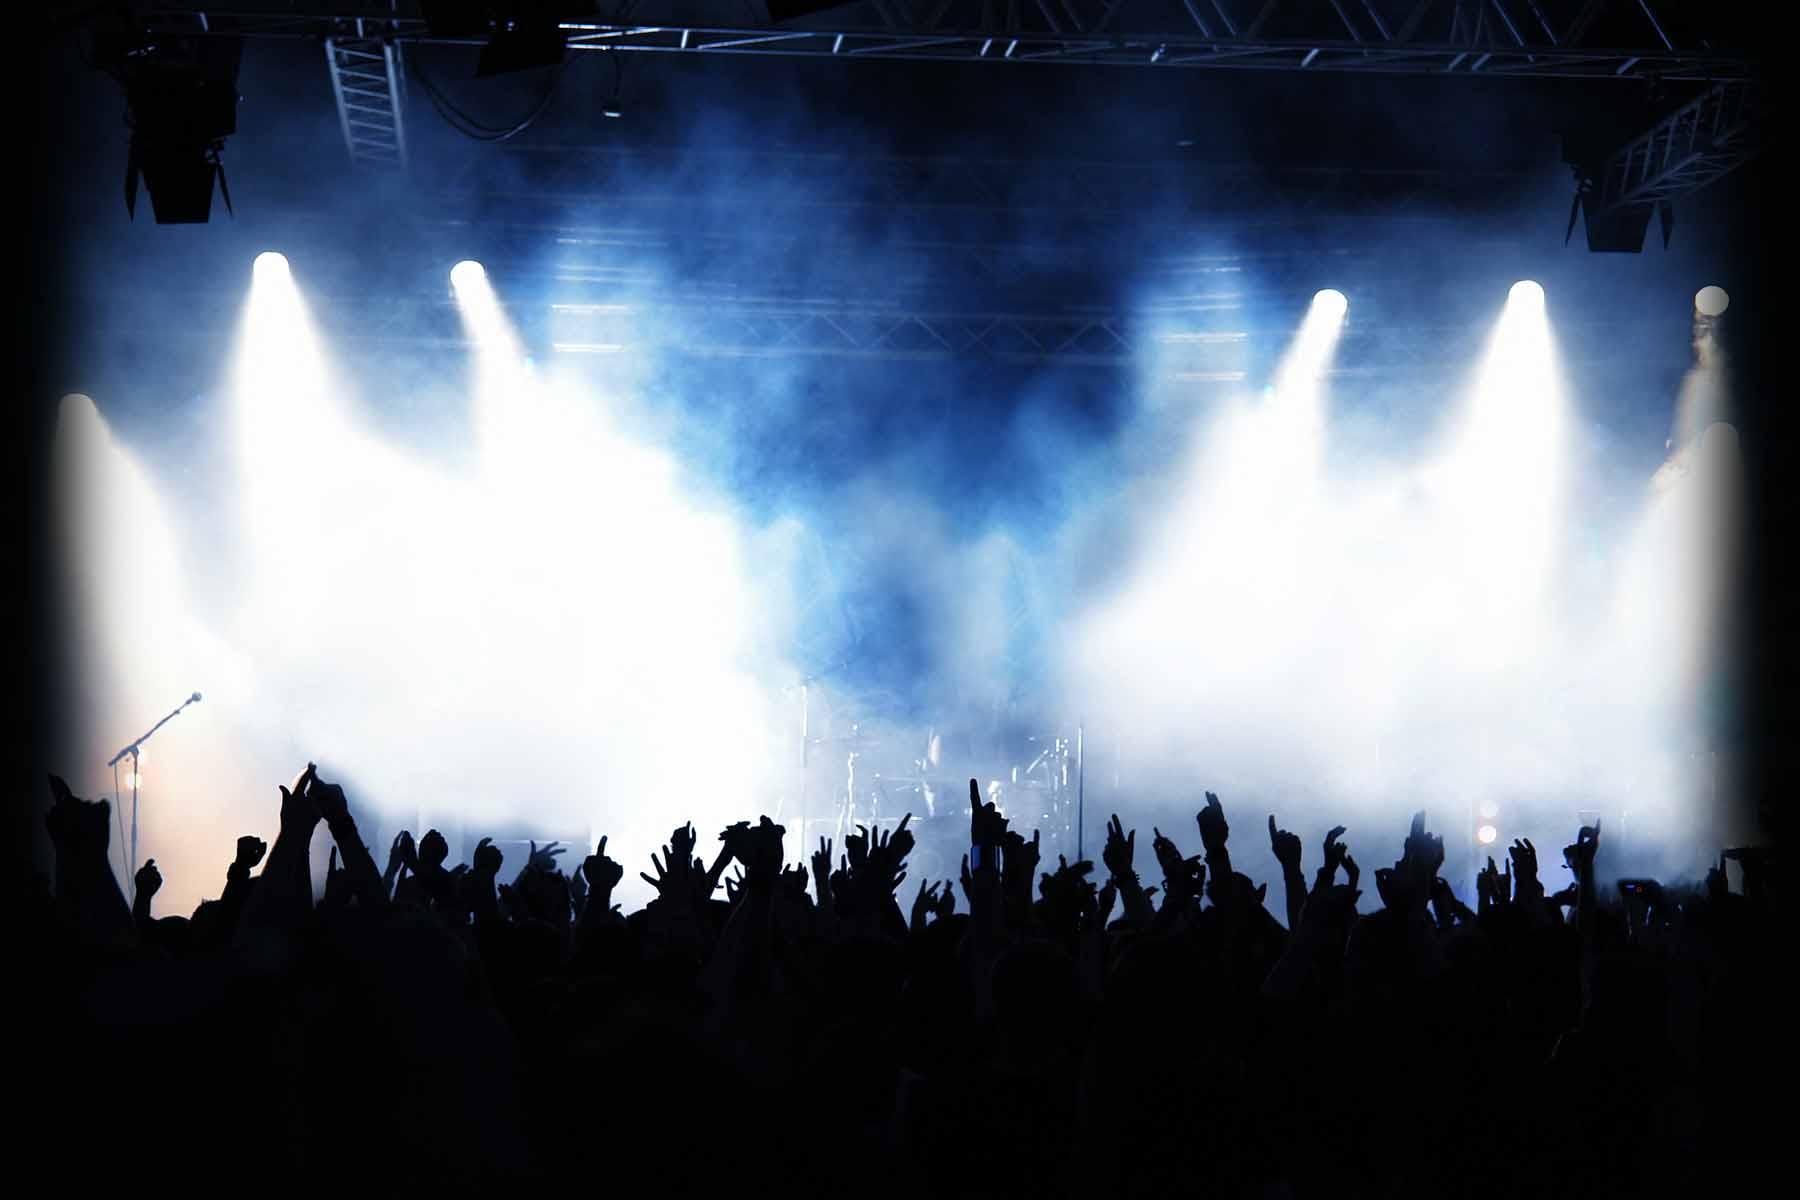 live-show_98b72d91b24af6818f1259928414195d